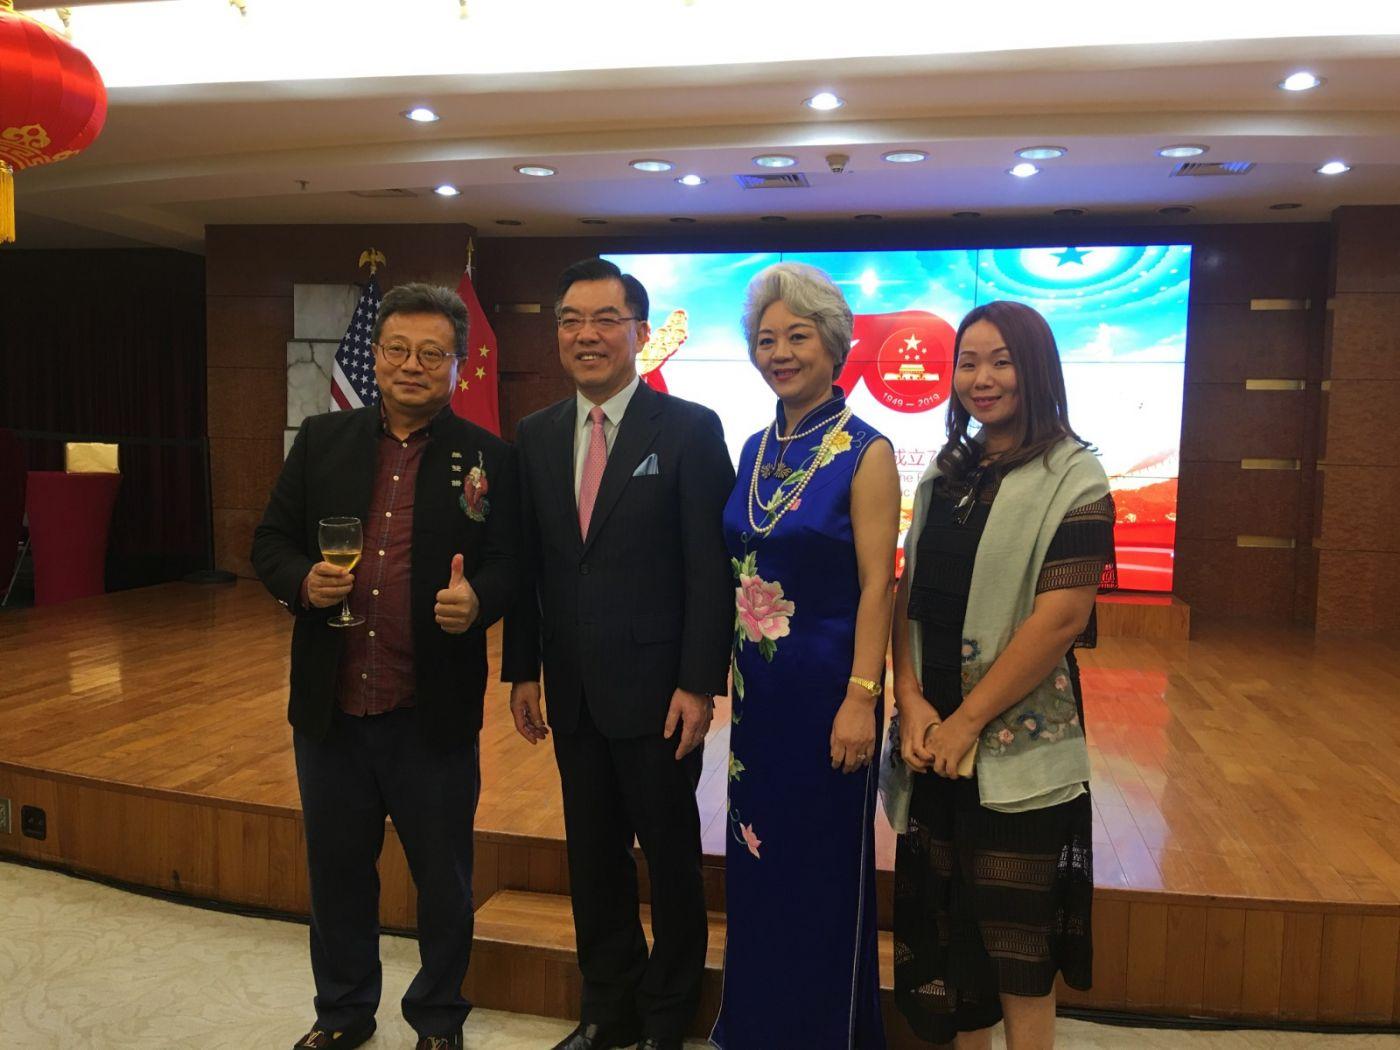 中国驻纽约总领事馆舉辦庆祝建国70周年招待會_图1-21